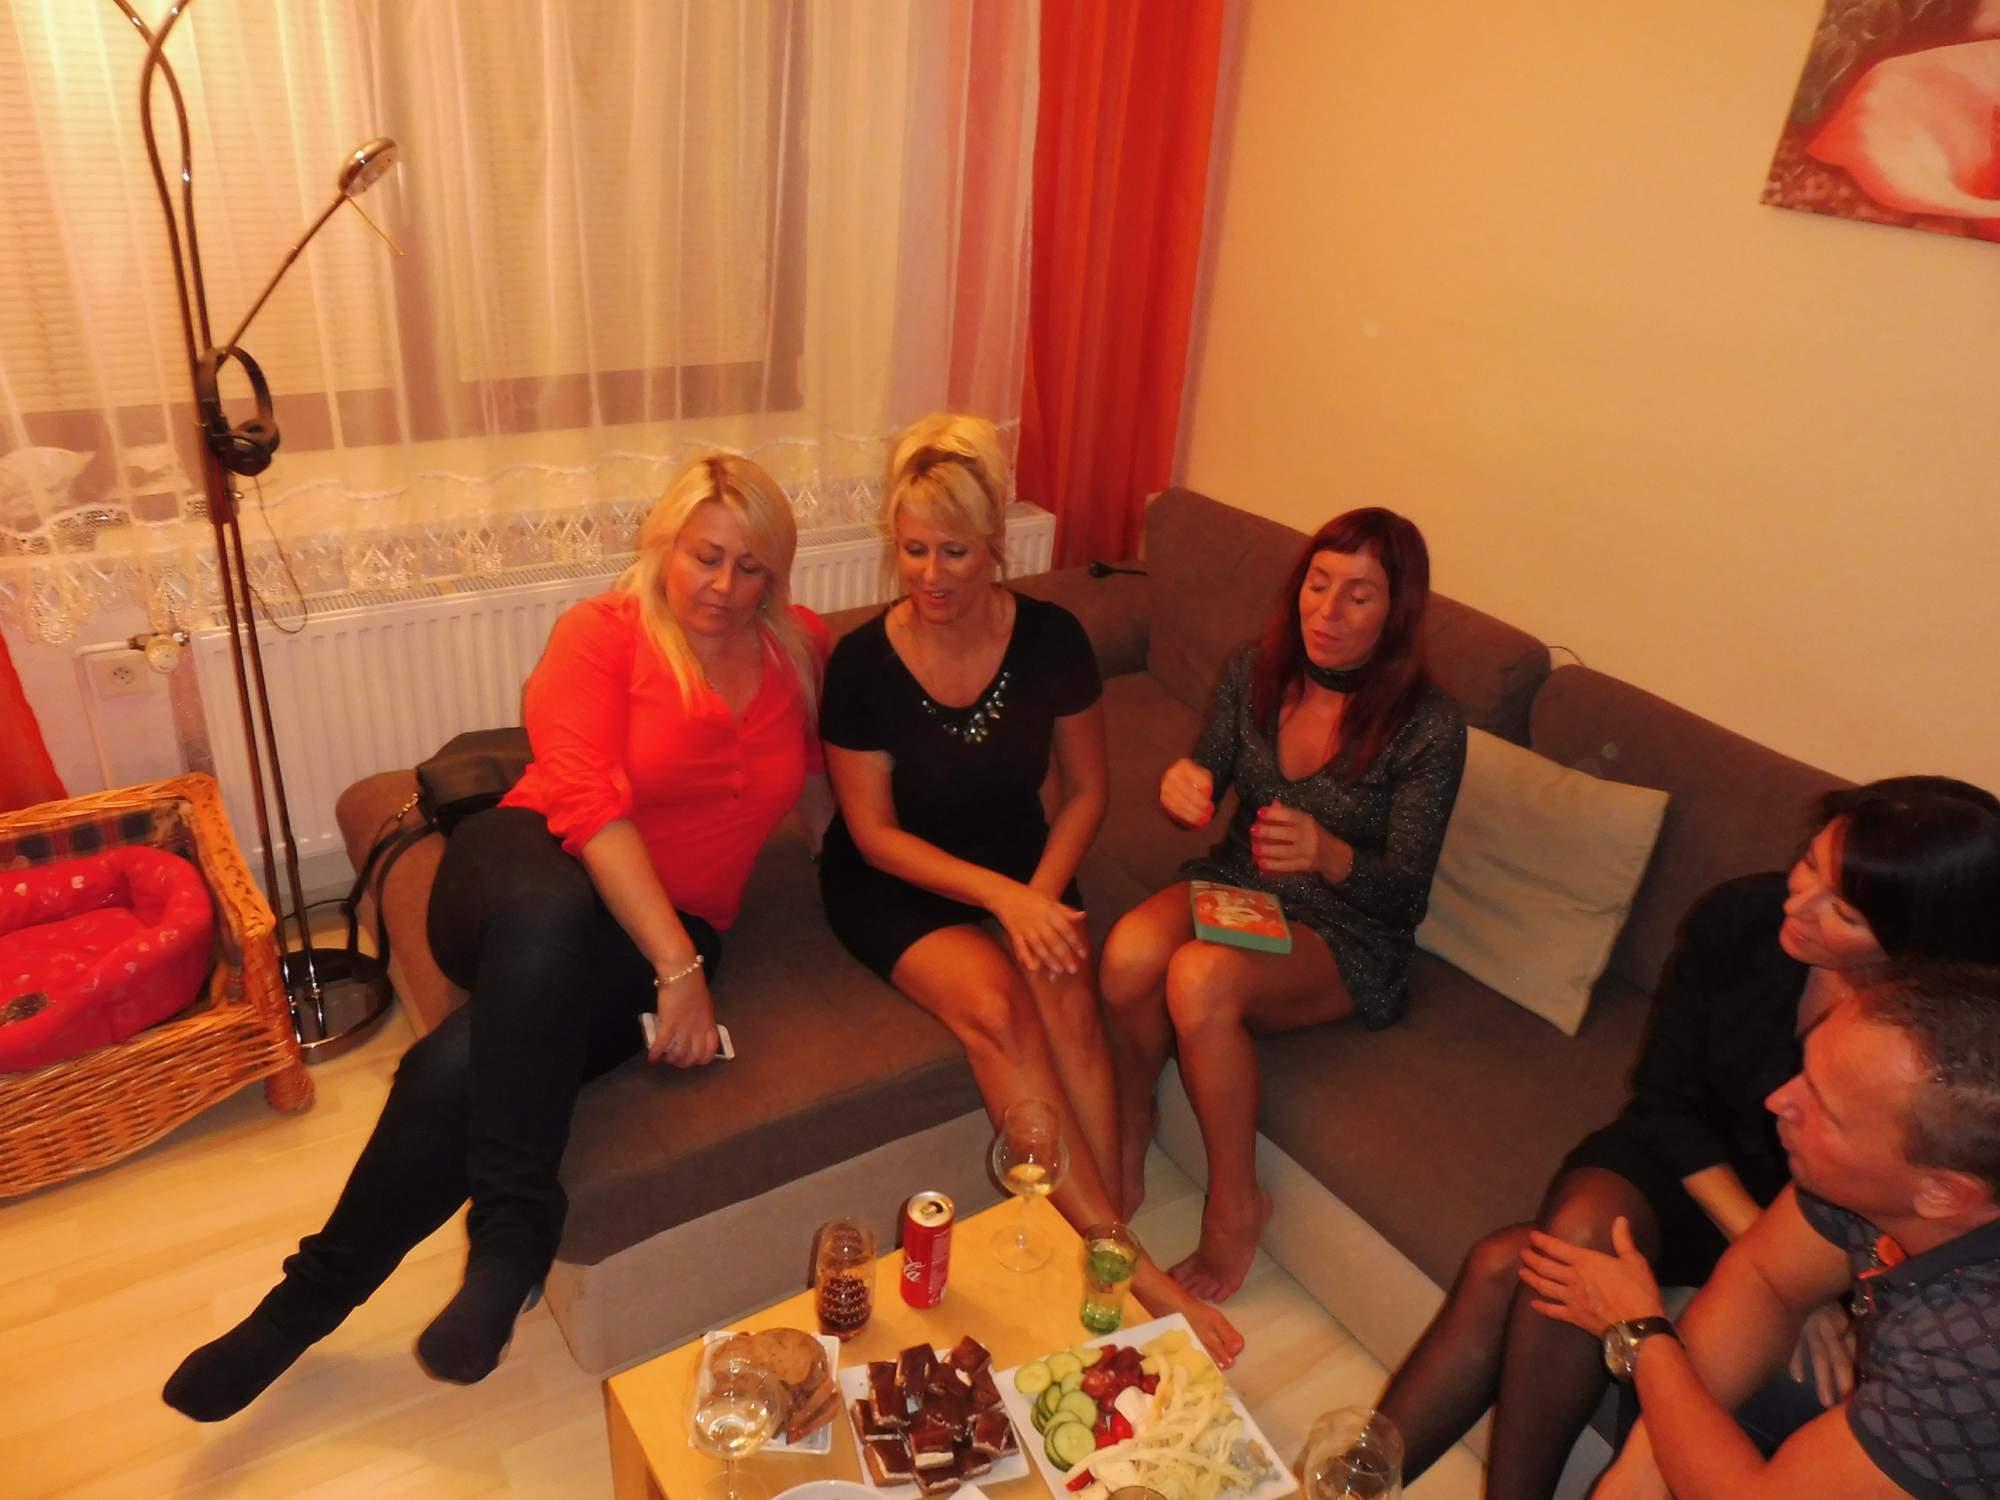 http://img25.rajce.idnes.cz/d2501/14/14634/14634235_b00598d2425854f4d08a31e2093f7272/images/Jana_43_let_,s_prateli_099.jpg